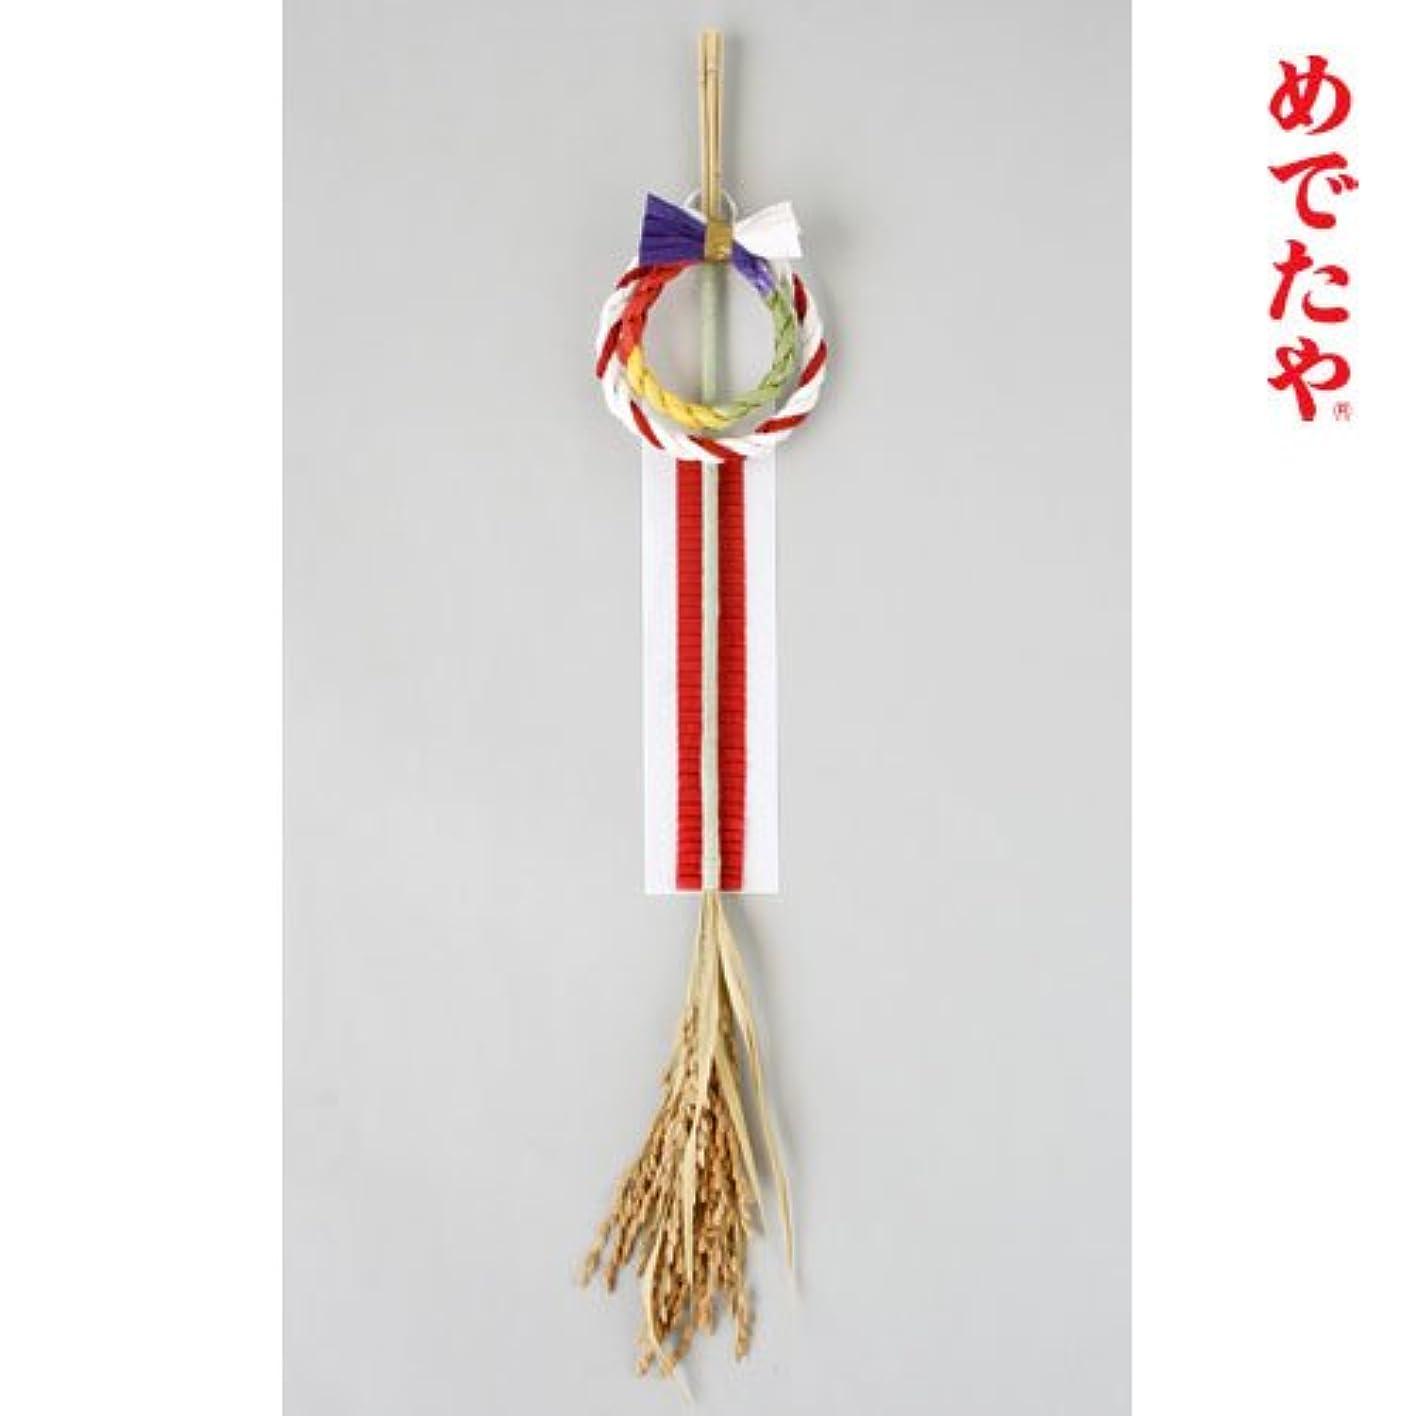 ルーチン回転する軍団正月飾り いなほ飾り 五色 めでたや New Year's decoration